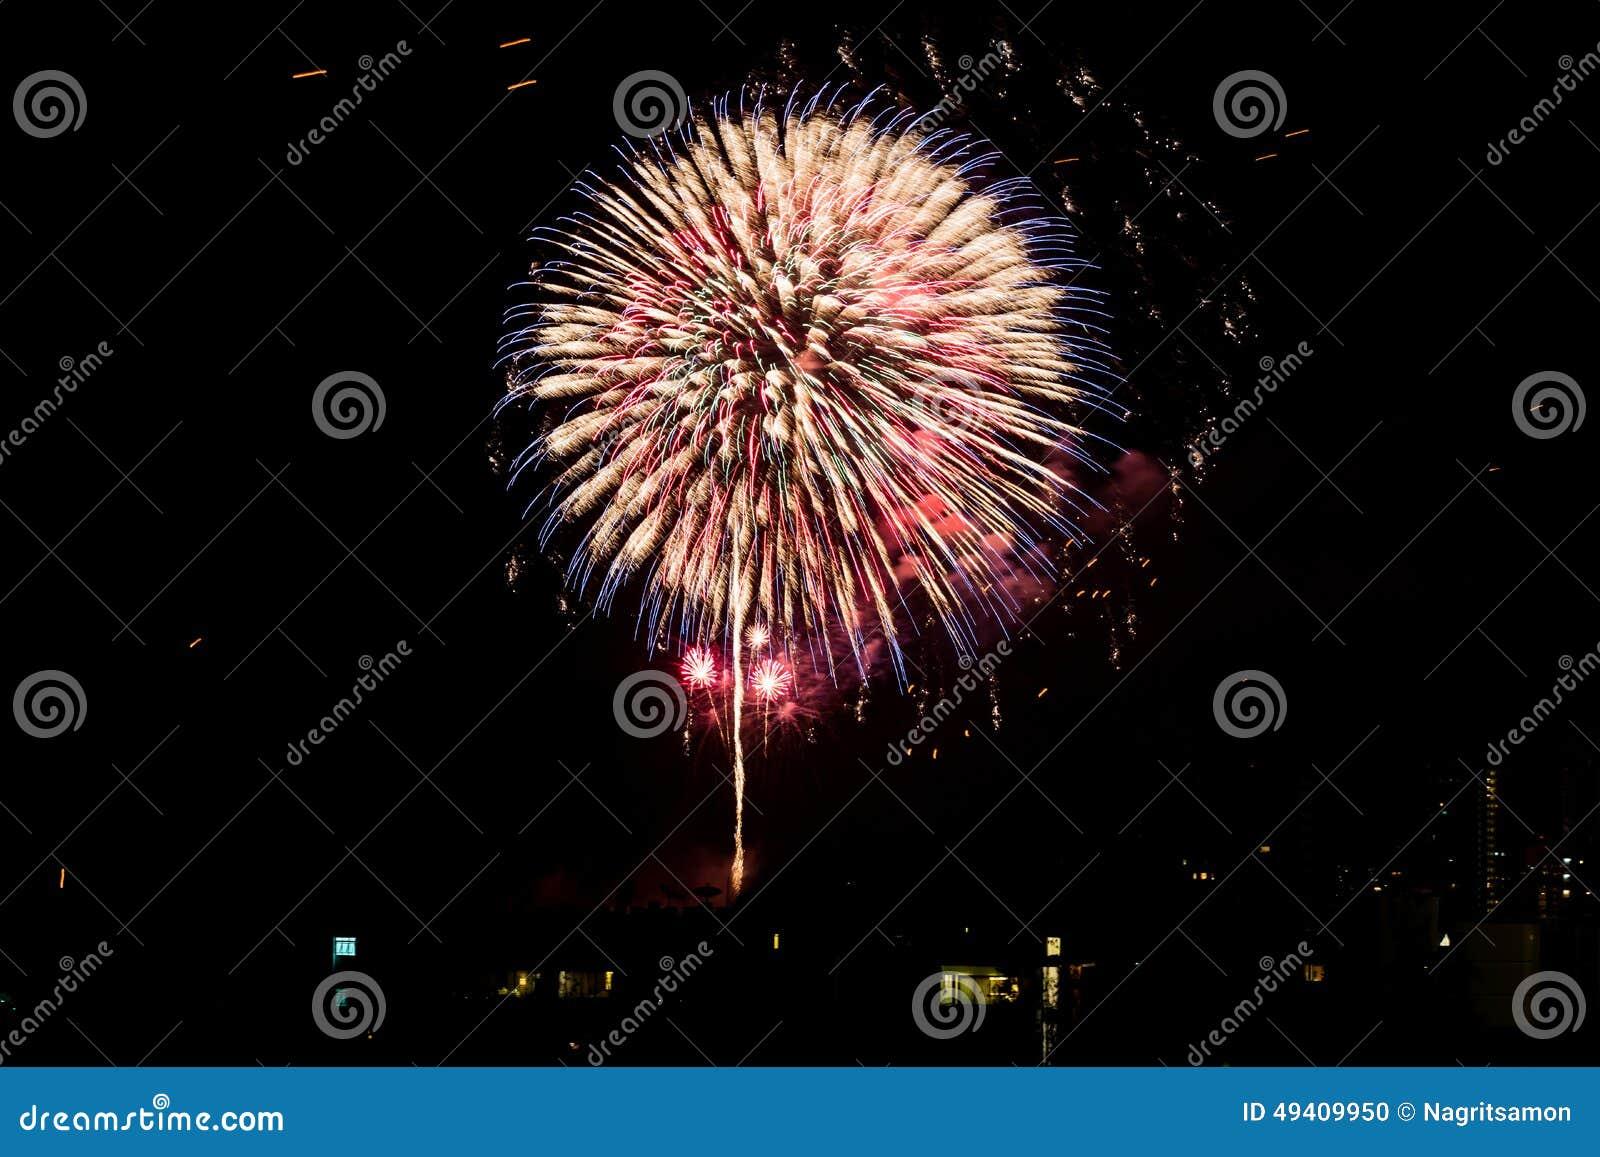 Download Feuerwerke Leuchten Dem Himmel Stockfoto - Bild von juli, geburtstag: 49409950